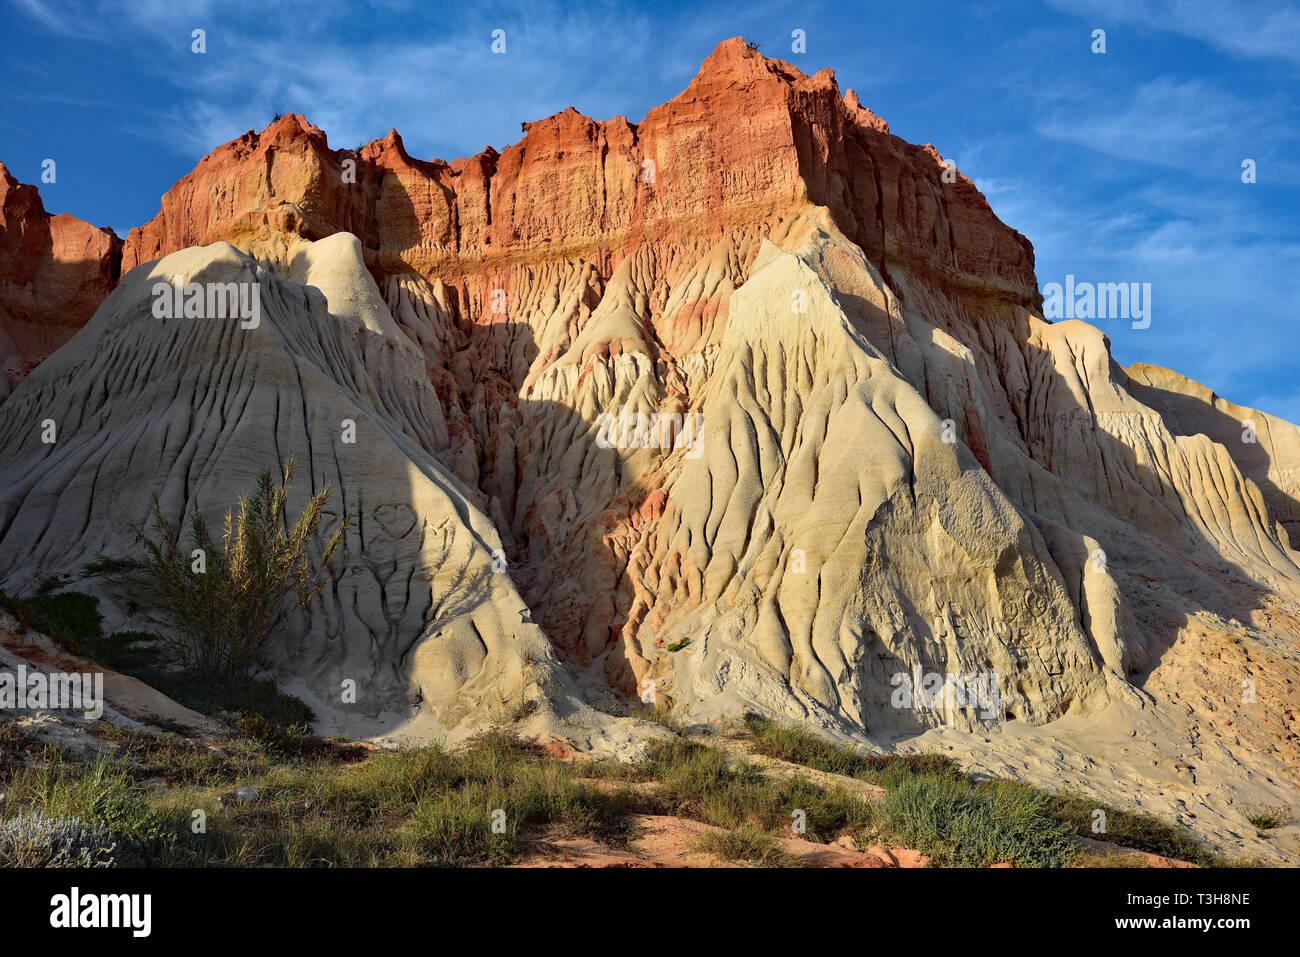 Gougé falaises rouges et blanches qui forment une toile de fond de l'étendue de sable sans fin sur la plage Praia da Falesia, Albuferia, Algarve, Portugal, Europe. Banque D'Images